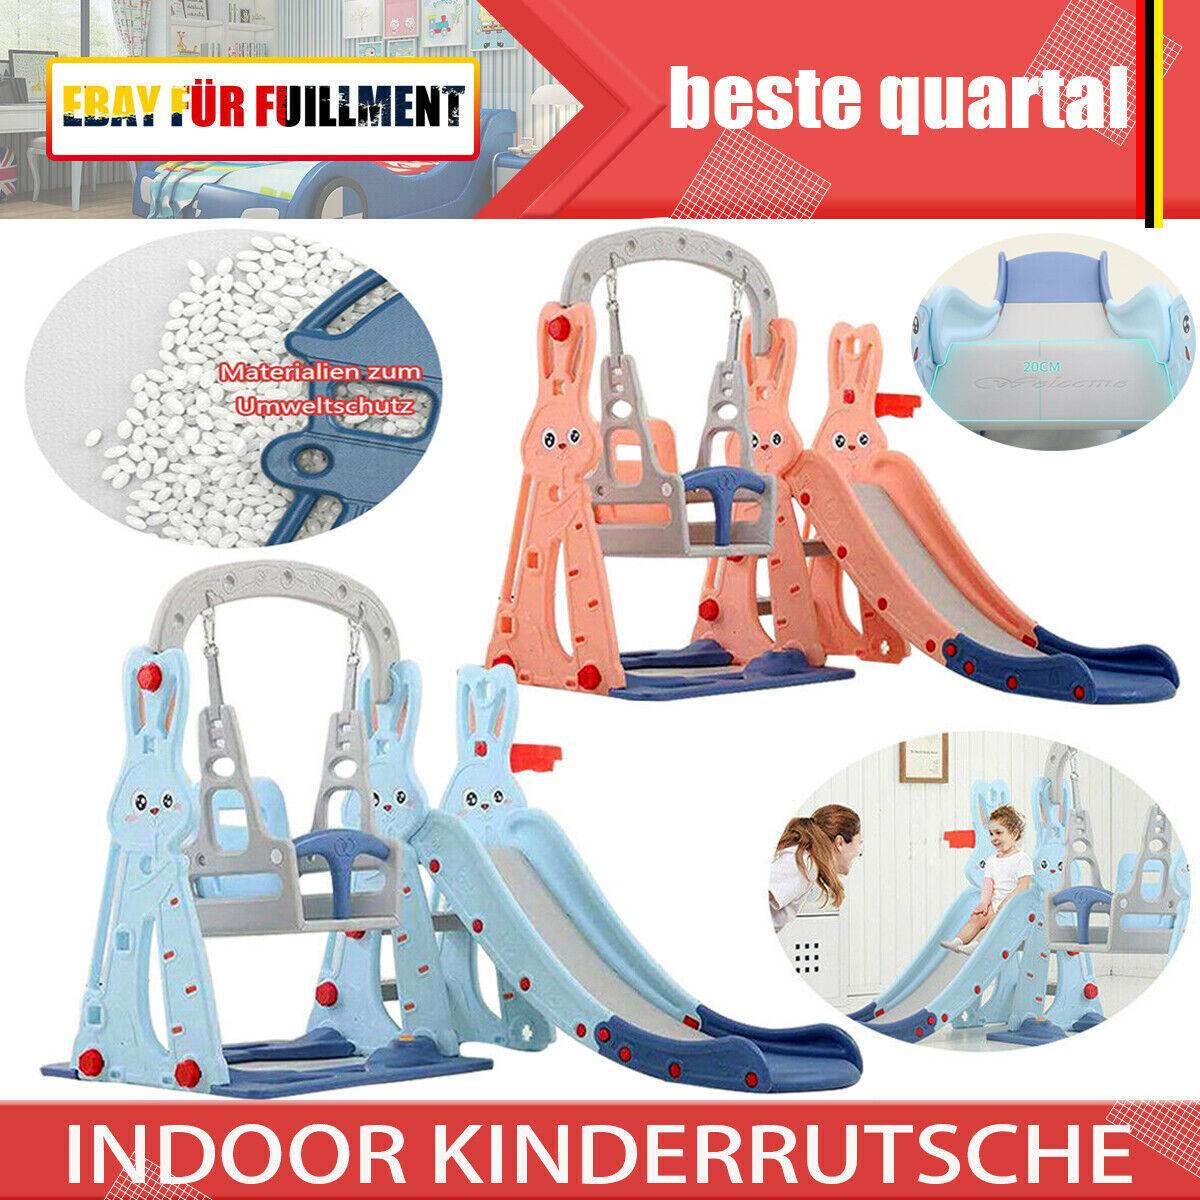 4in1 Kinderrutsche & Schaukel Basketballkorb Kletterleiter Baby Außen Innen 1.3m